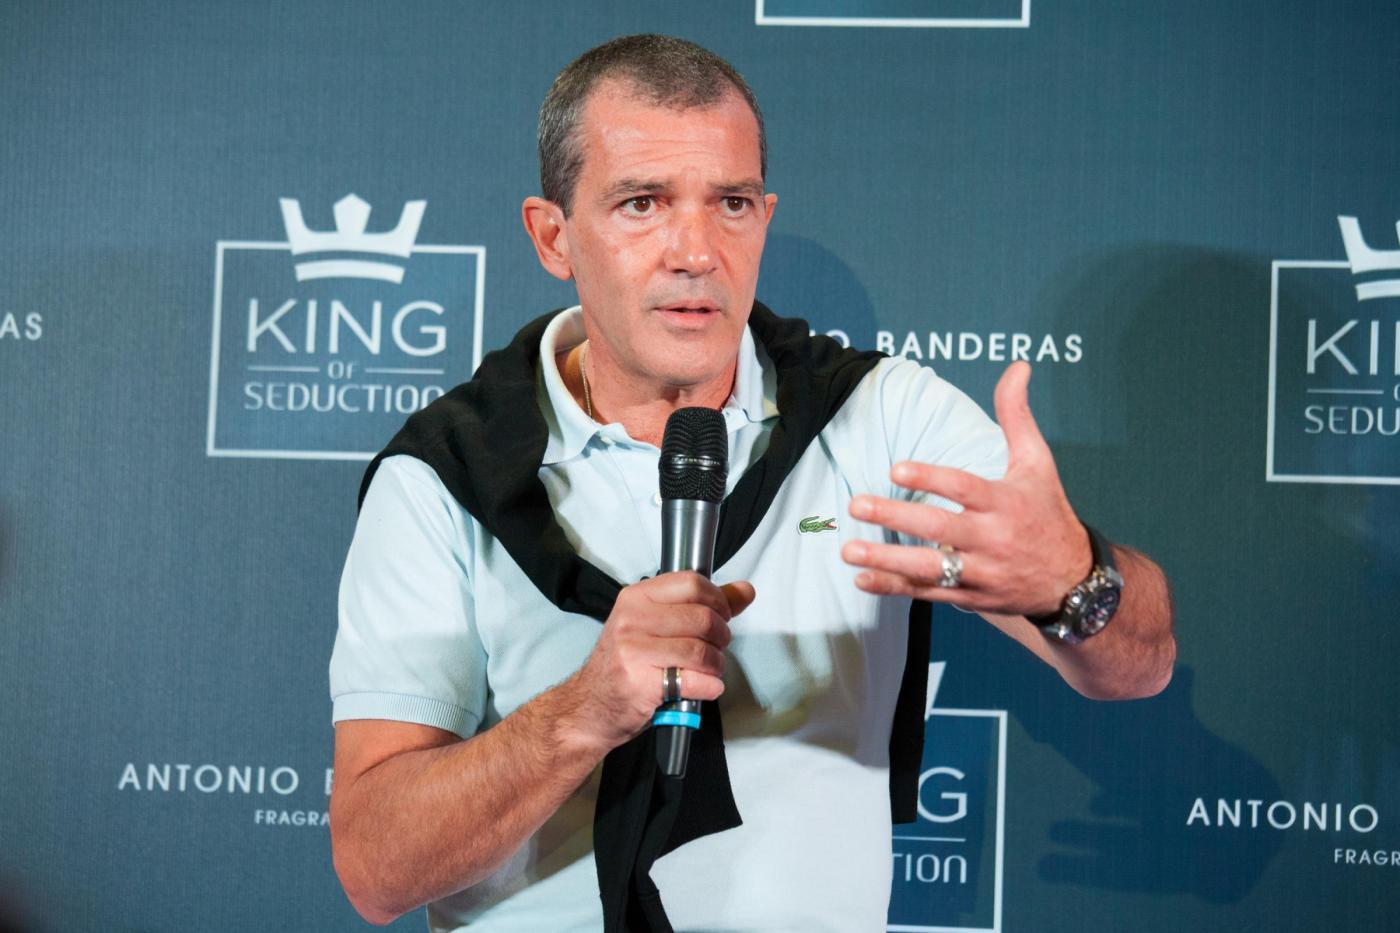 """Antonio Banderas presenta il profumo """"King of Seduction"""" in Argentina FOTO 01"""